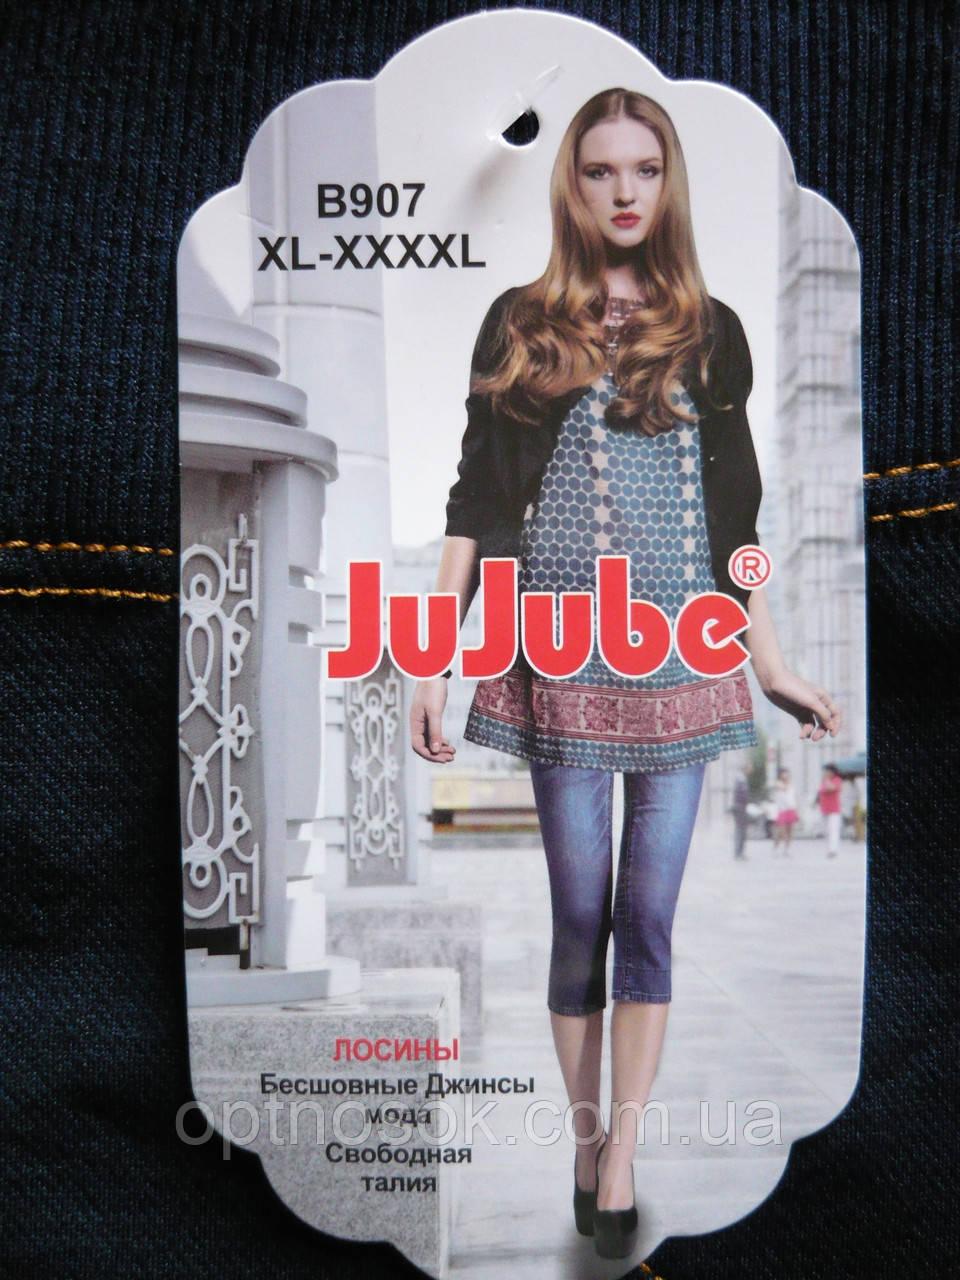 Бриджи. Под джинс. Бесшовные Jujube. XL- 4X. Тёмно- синие.